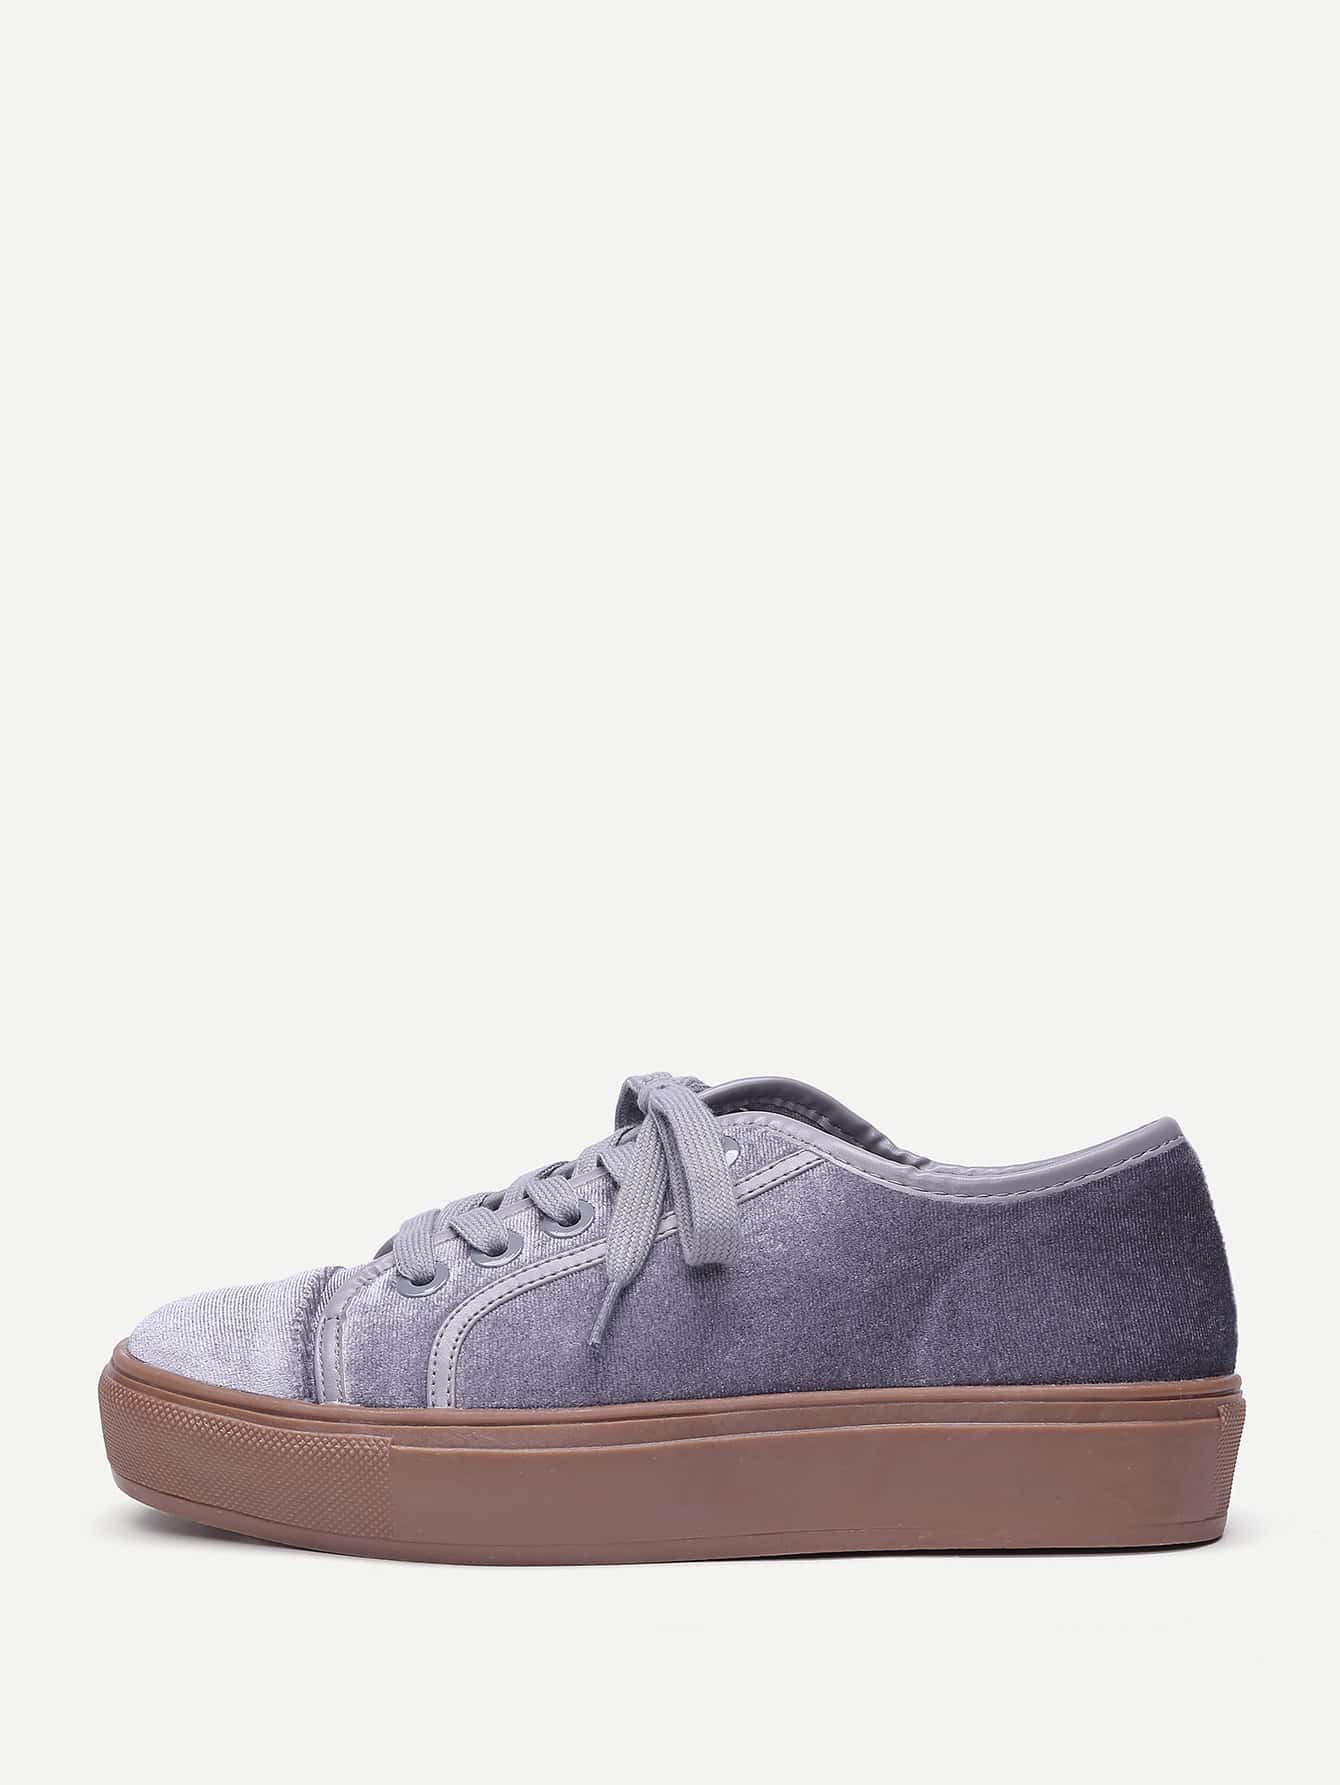 Купить Модные бархатные кроссовки на платформе со шнуровкой, null, SheIn